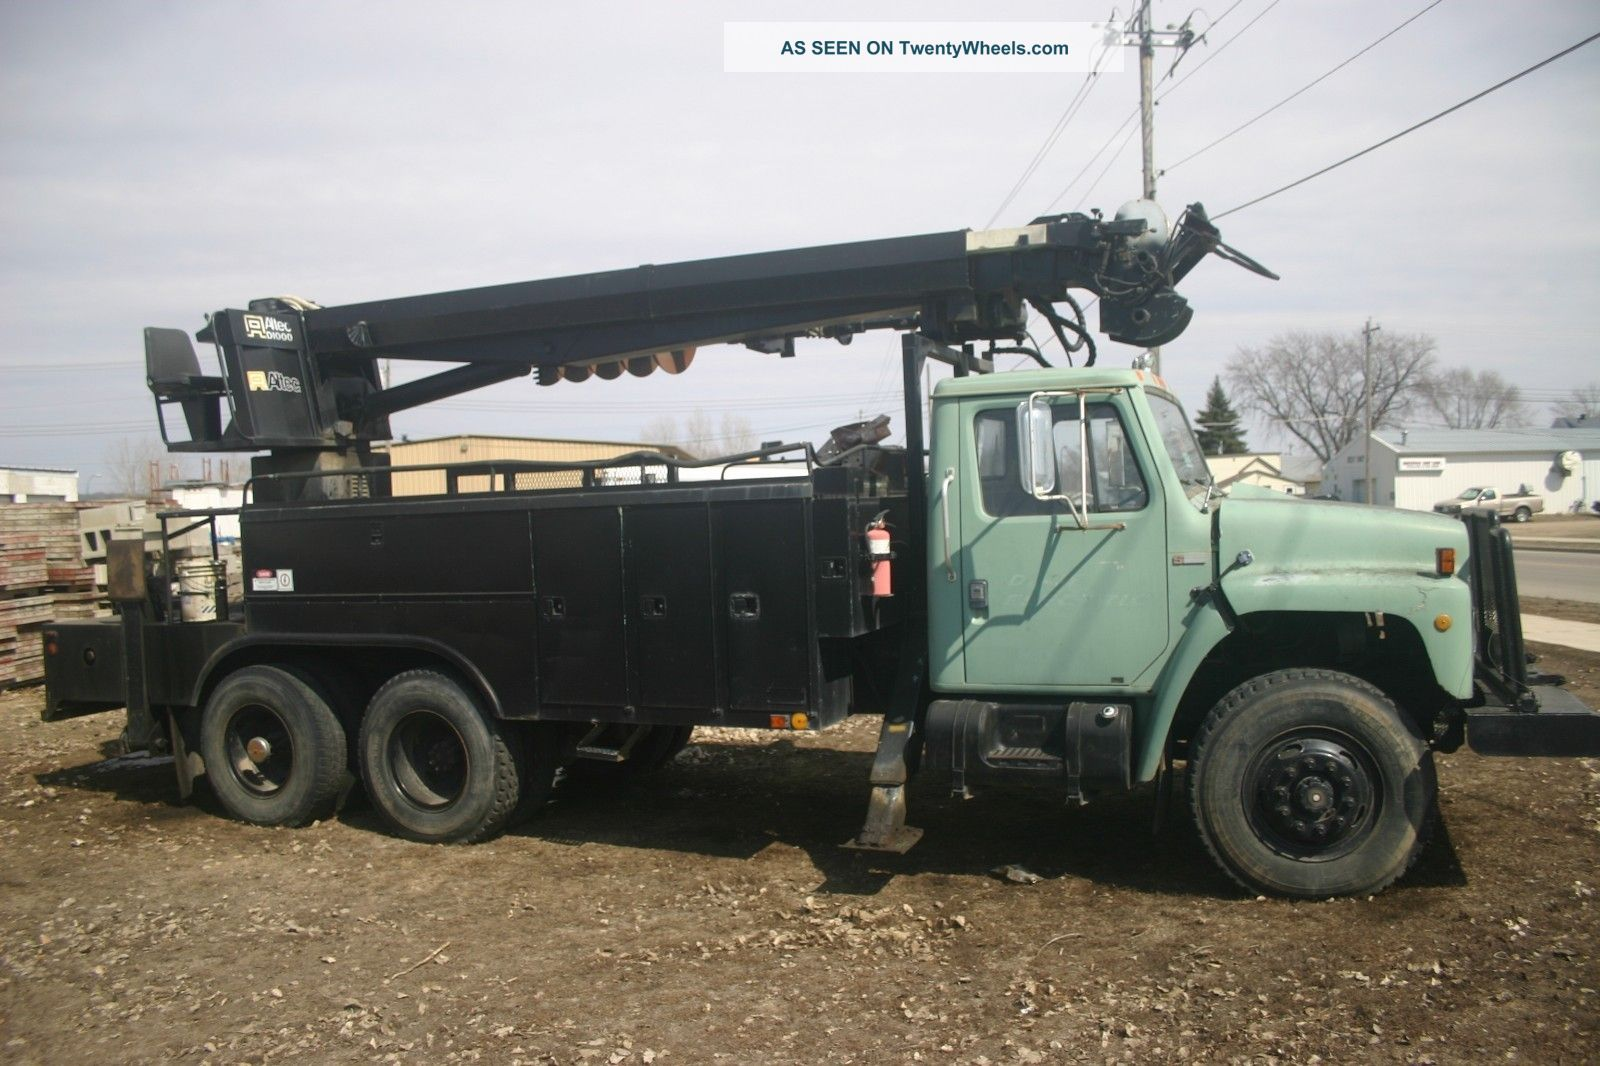 Crane Digger Truck 1980 Truck 1990s Altec Digger Cranes photo